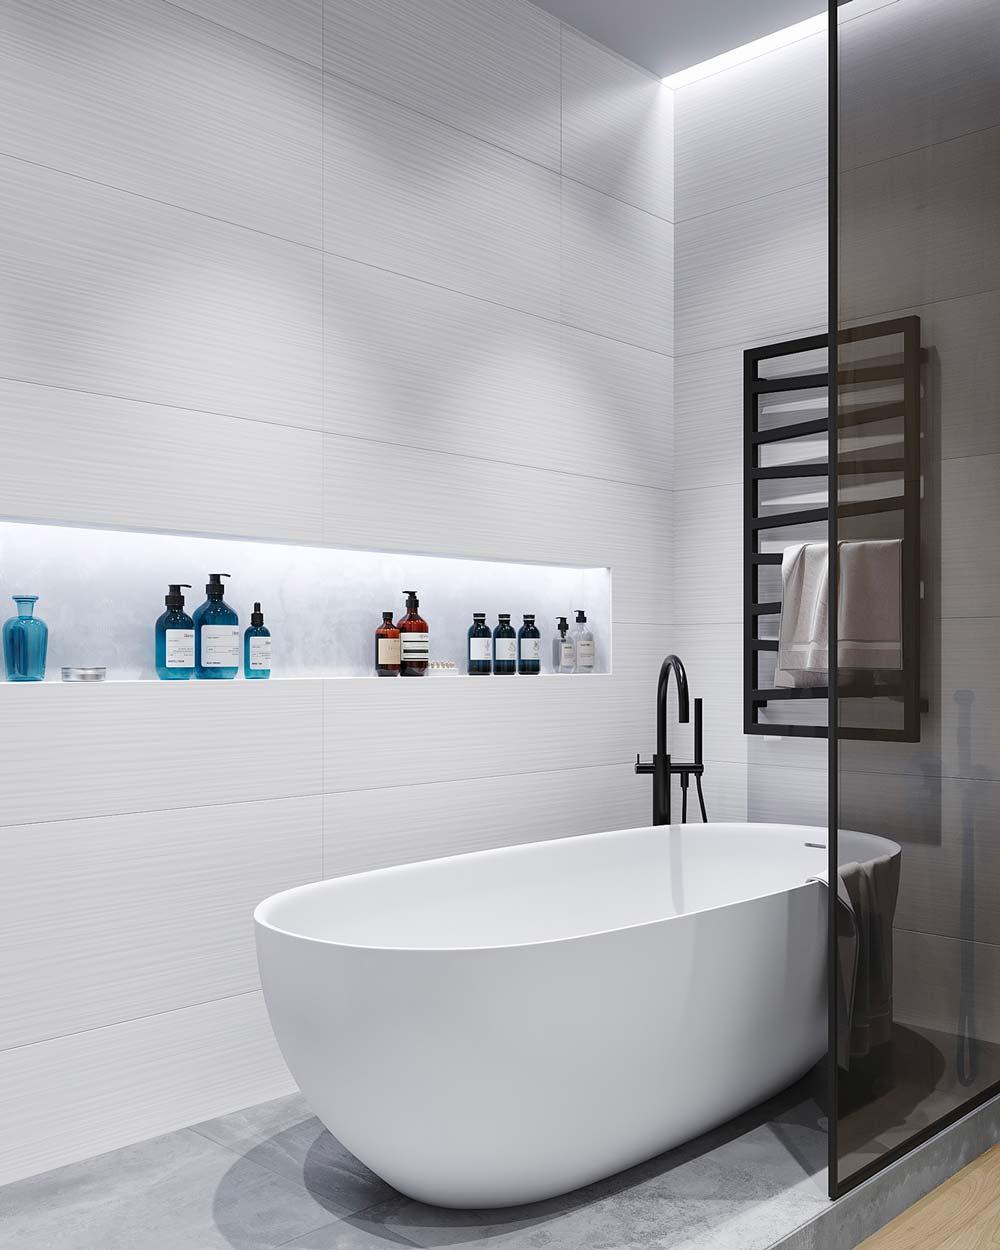 L'éclairage néon réchauffe une salle de bain minimaliste